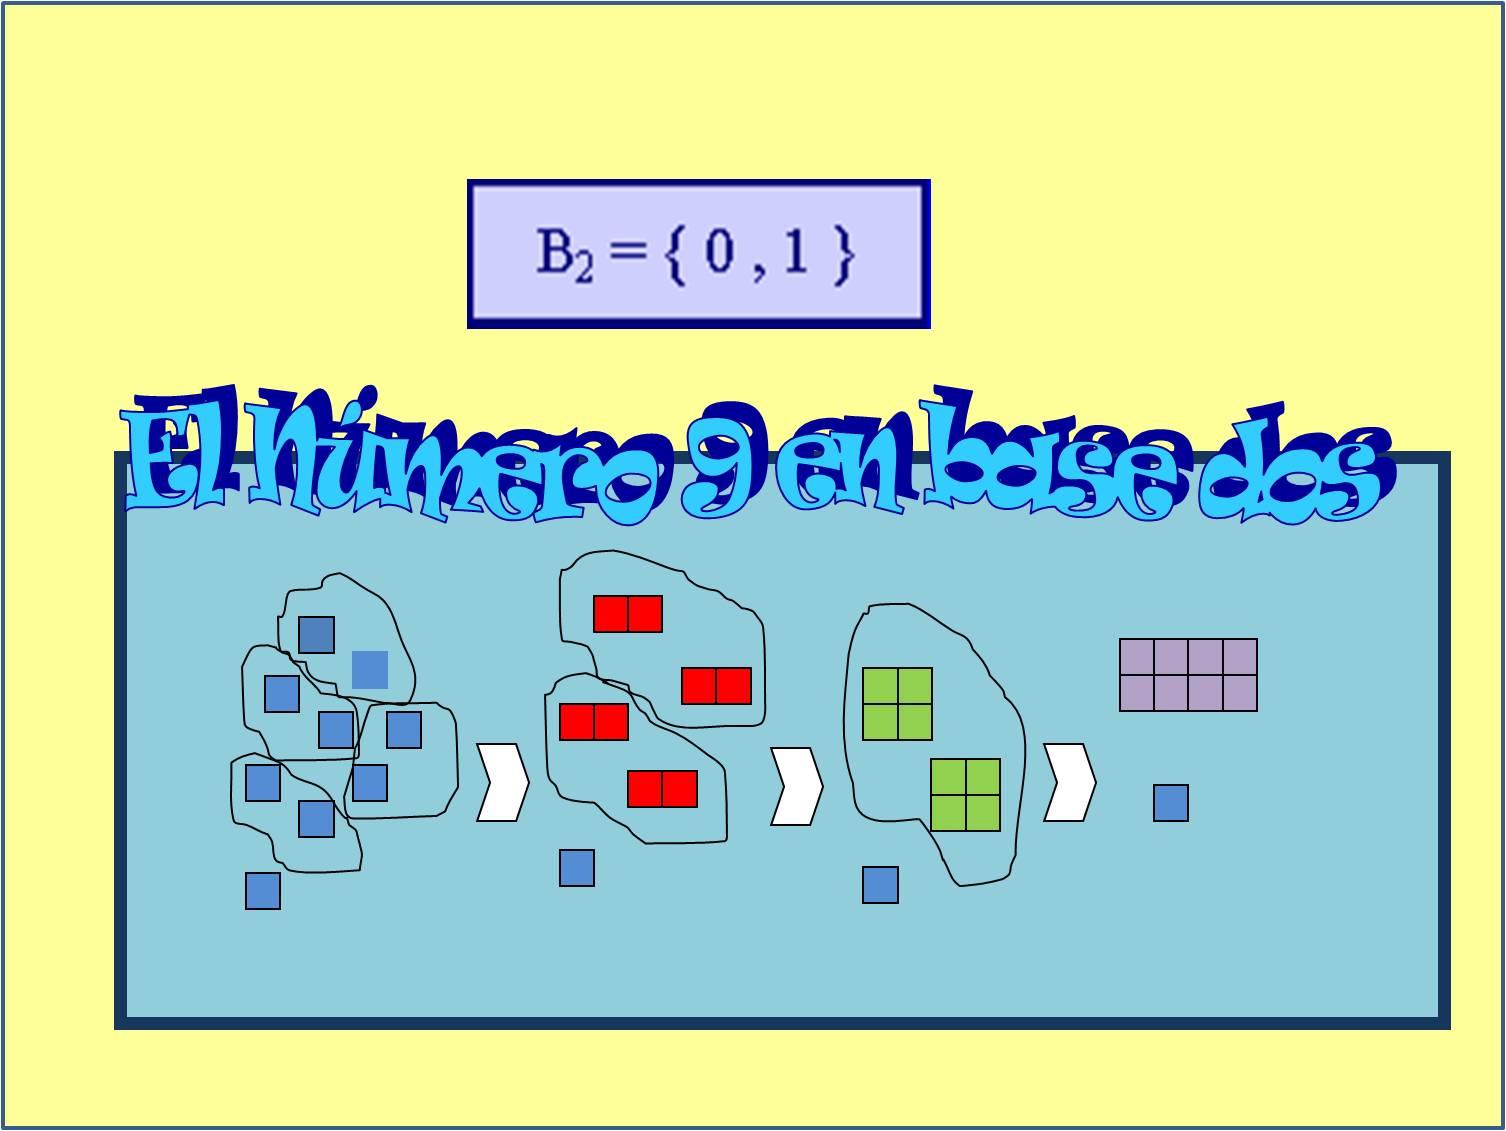 Piattaforme sistema binario